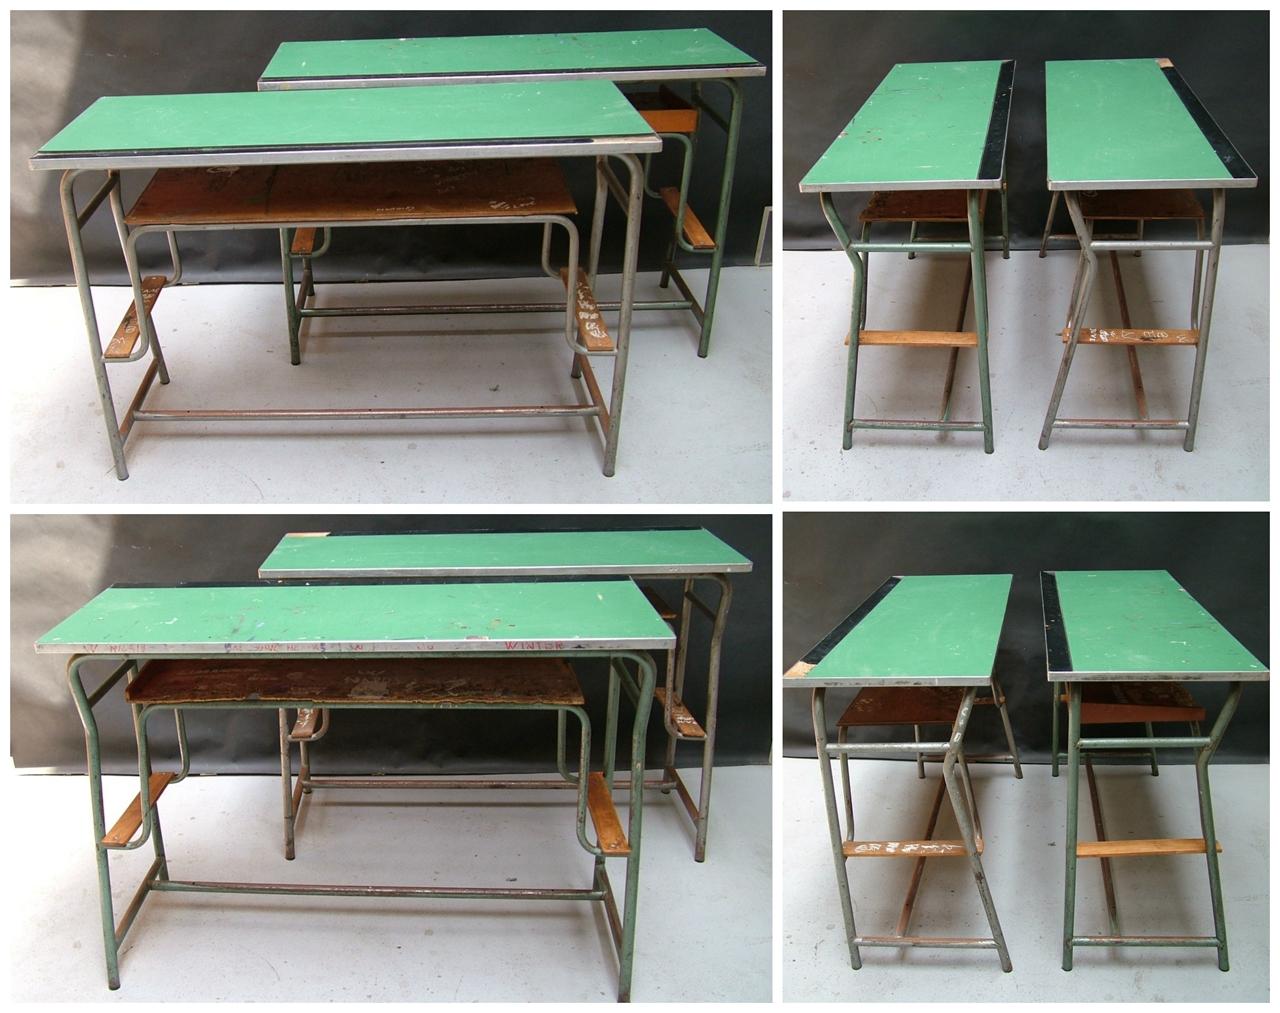 Picture of two double dark school desks